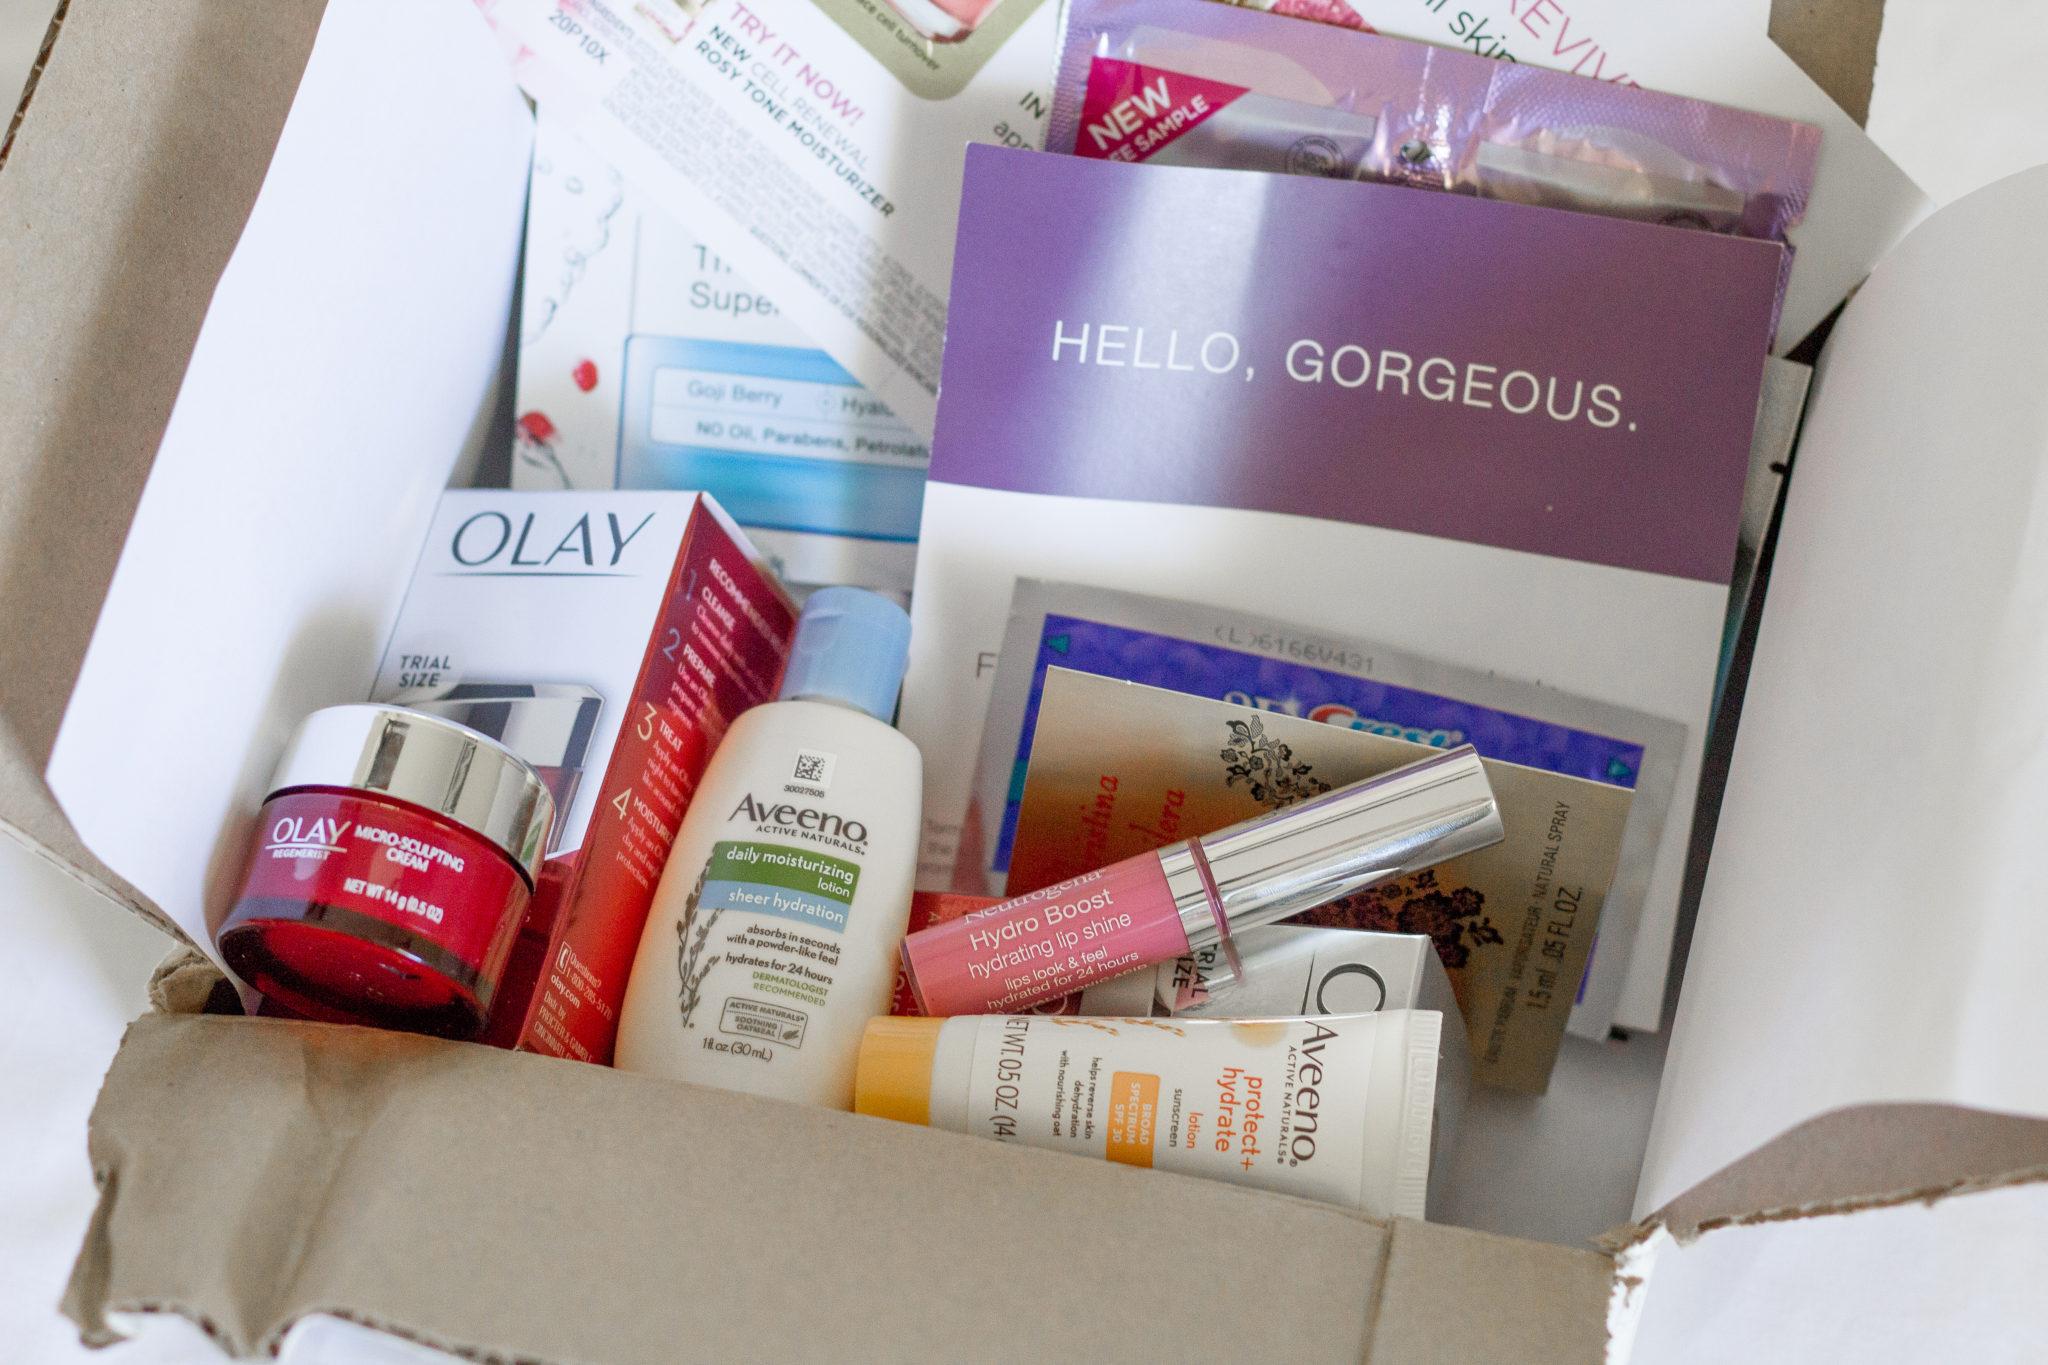 Amazon Sample Box, Self Care Box, Self Care for Moms